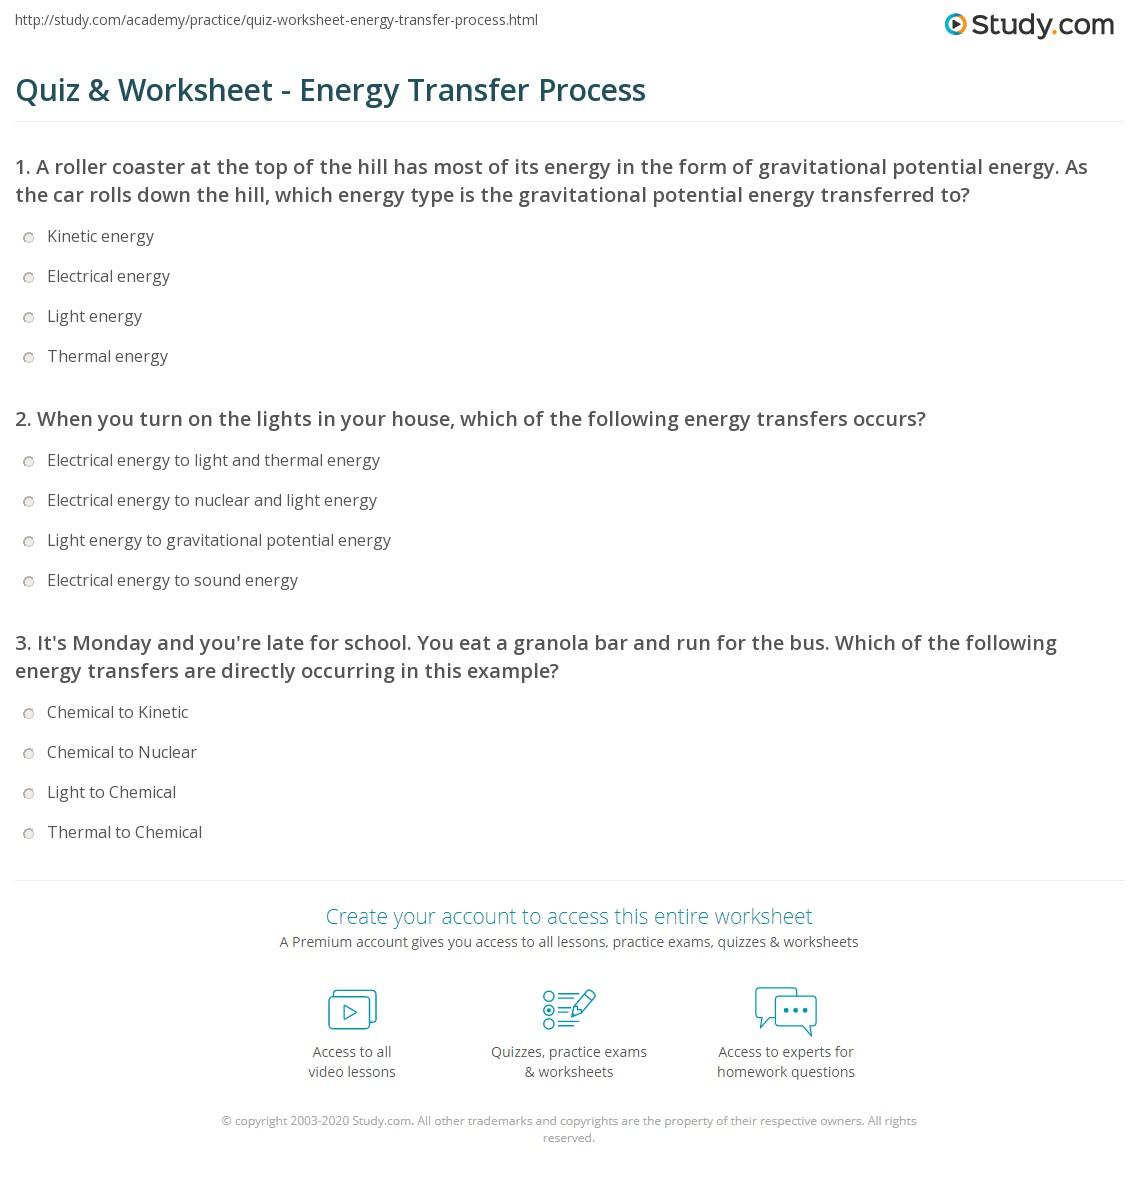 worksheet Energy Transfer Worksheet quiz worksheet energy transfer process study com print the of worksheet